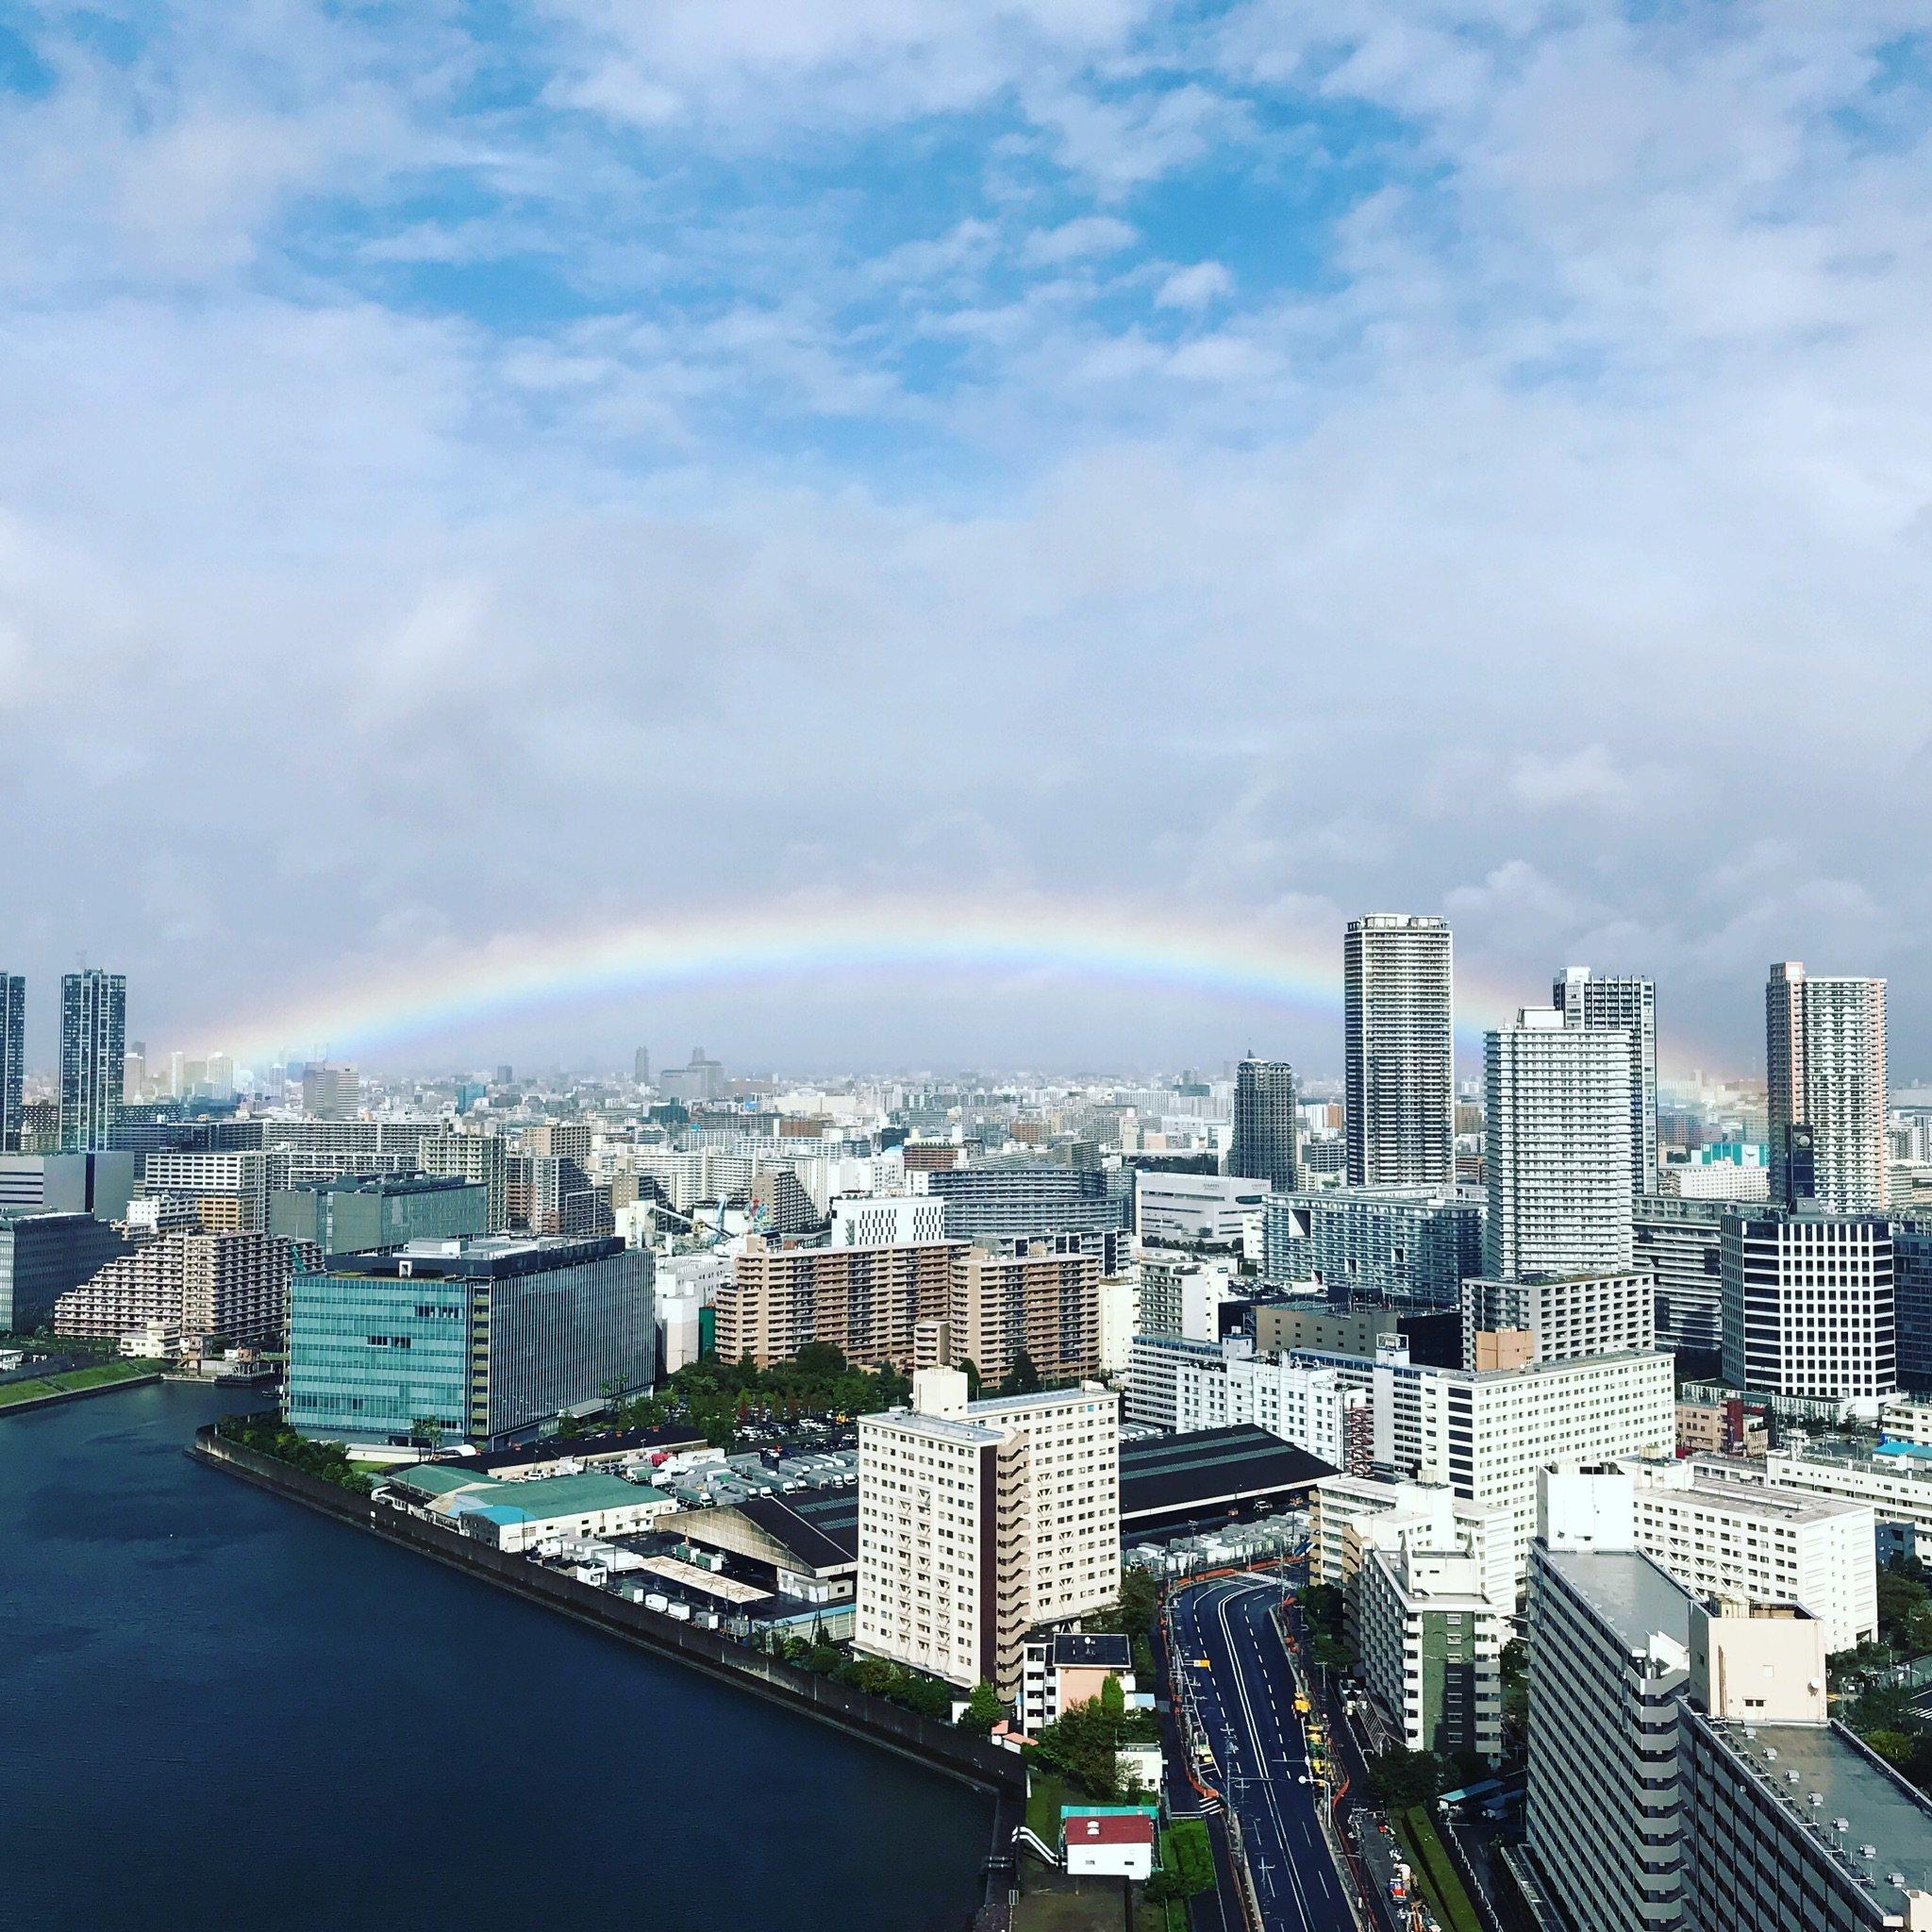 即位礼正殿の儀に合わせたかのように虹の橋が! #即位礼正殿の儀